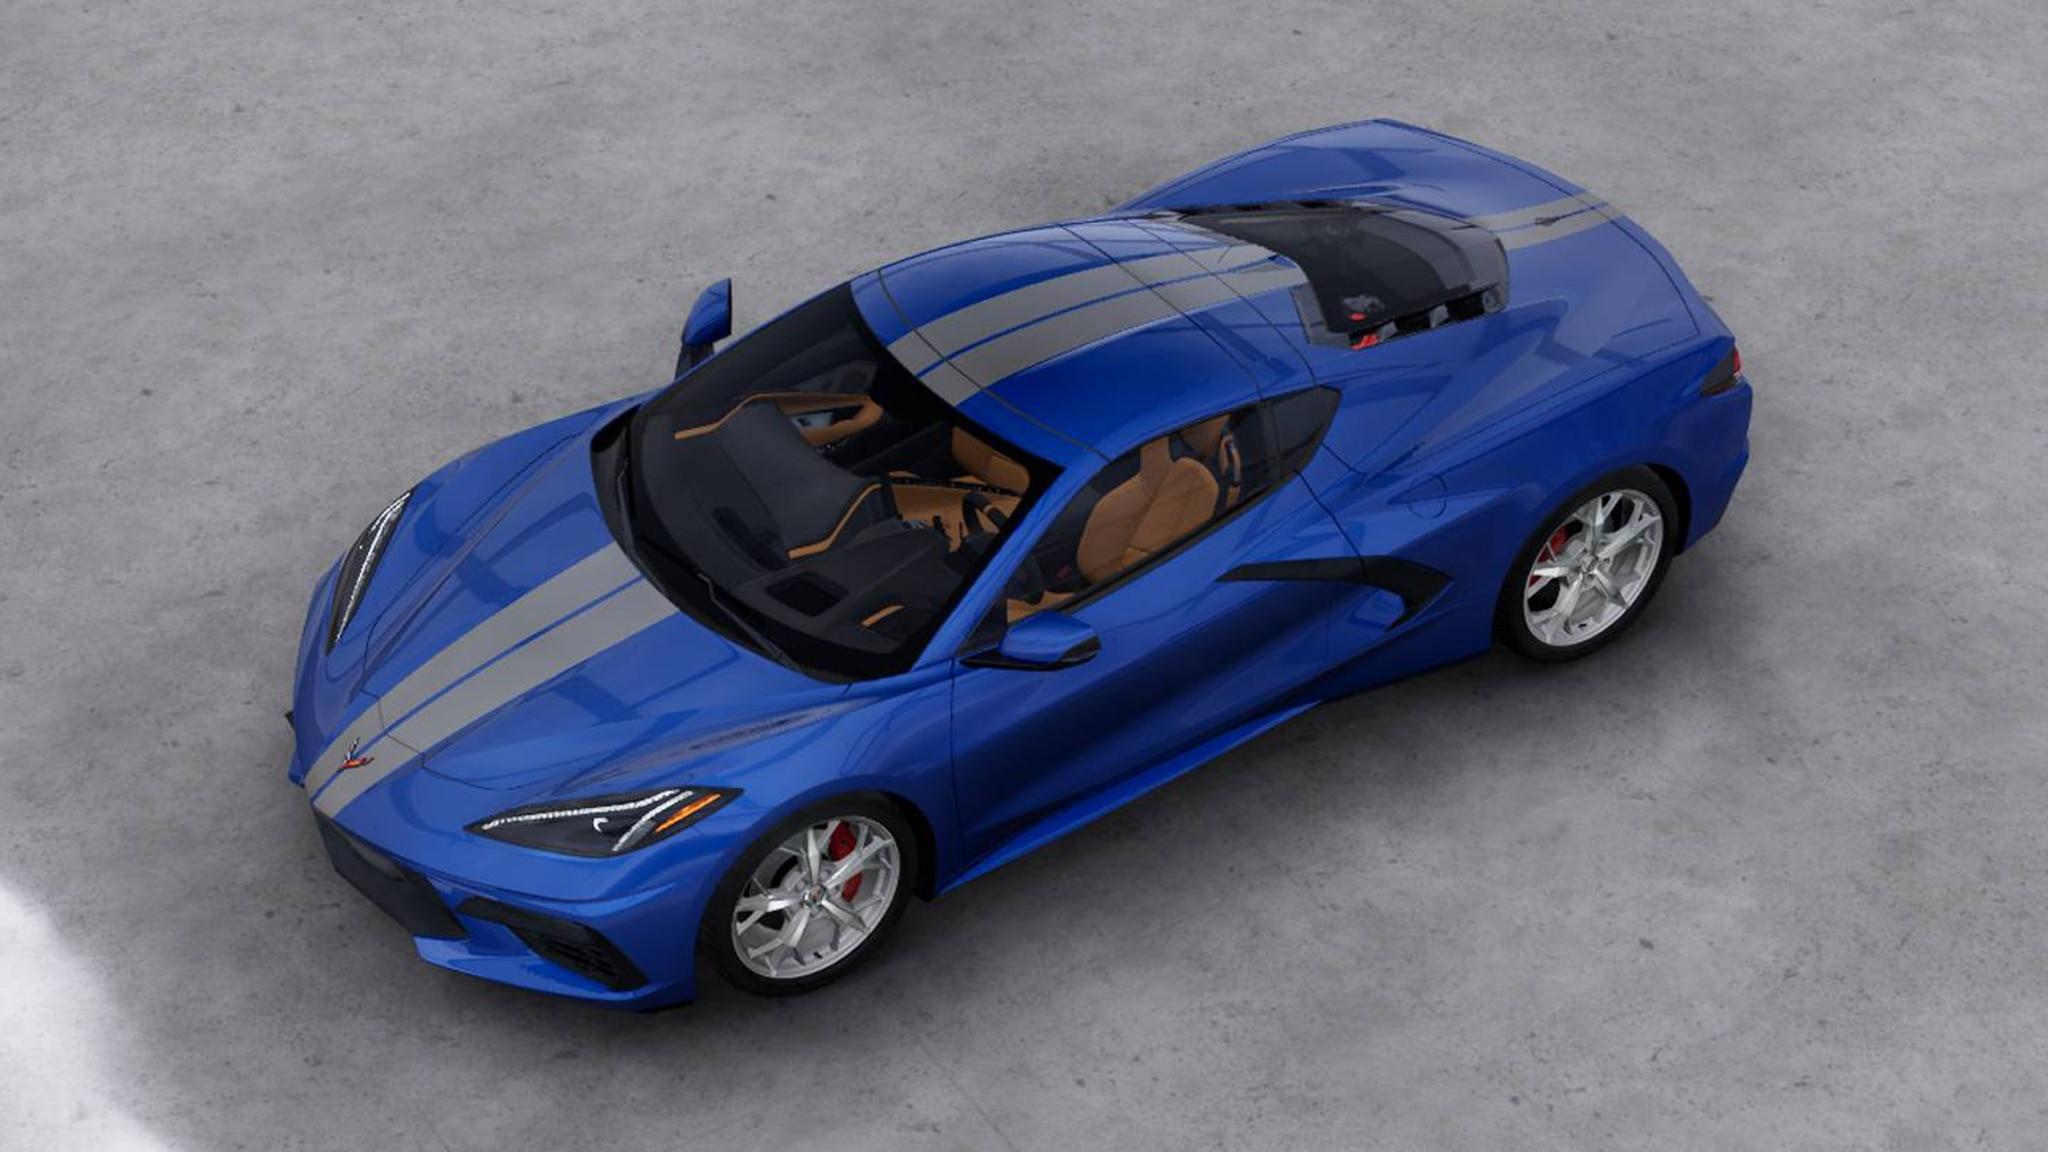 2020 Chevrolet Corvette C8 Offers 12 Paint Colors & 6